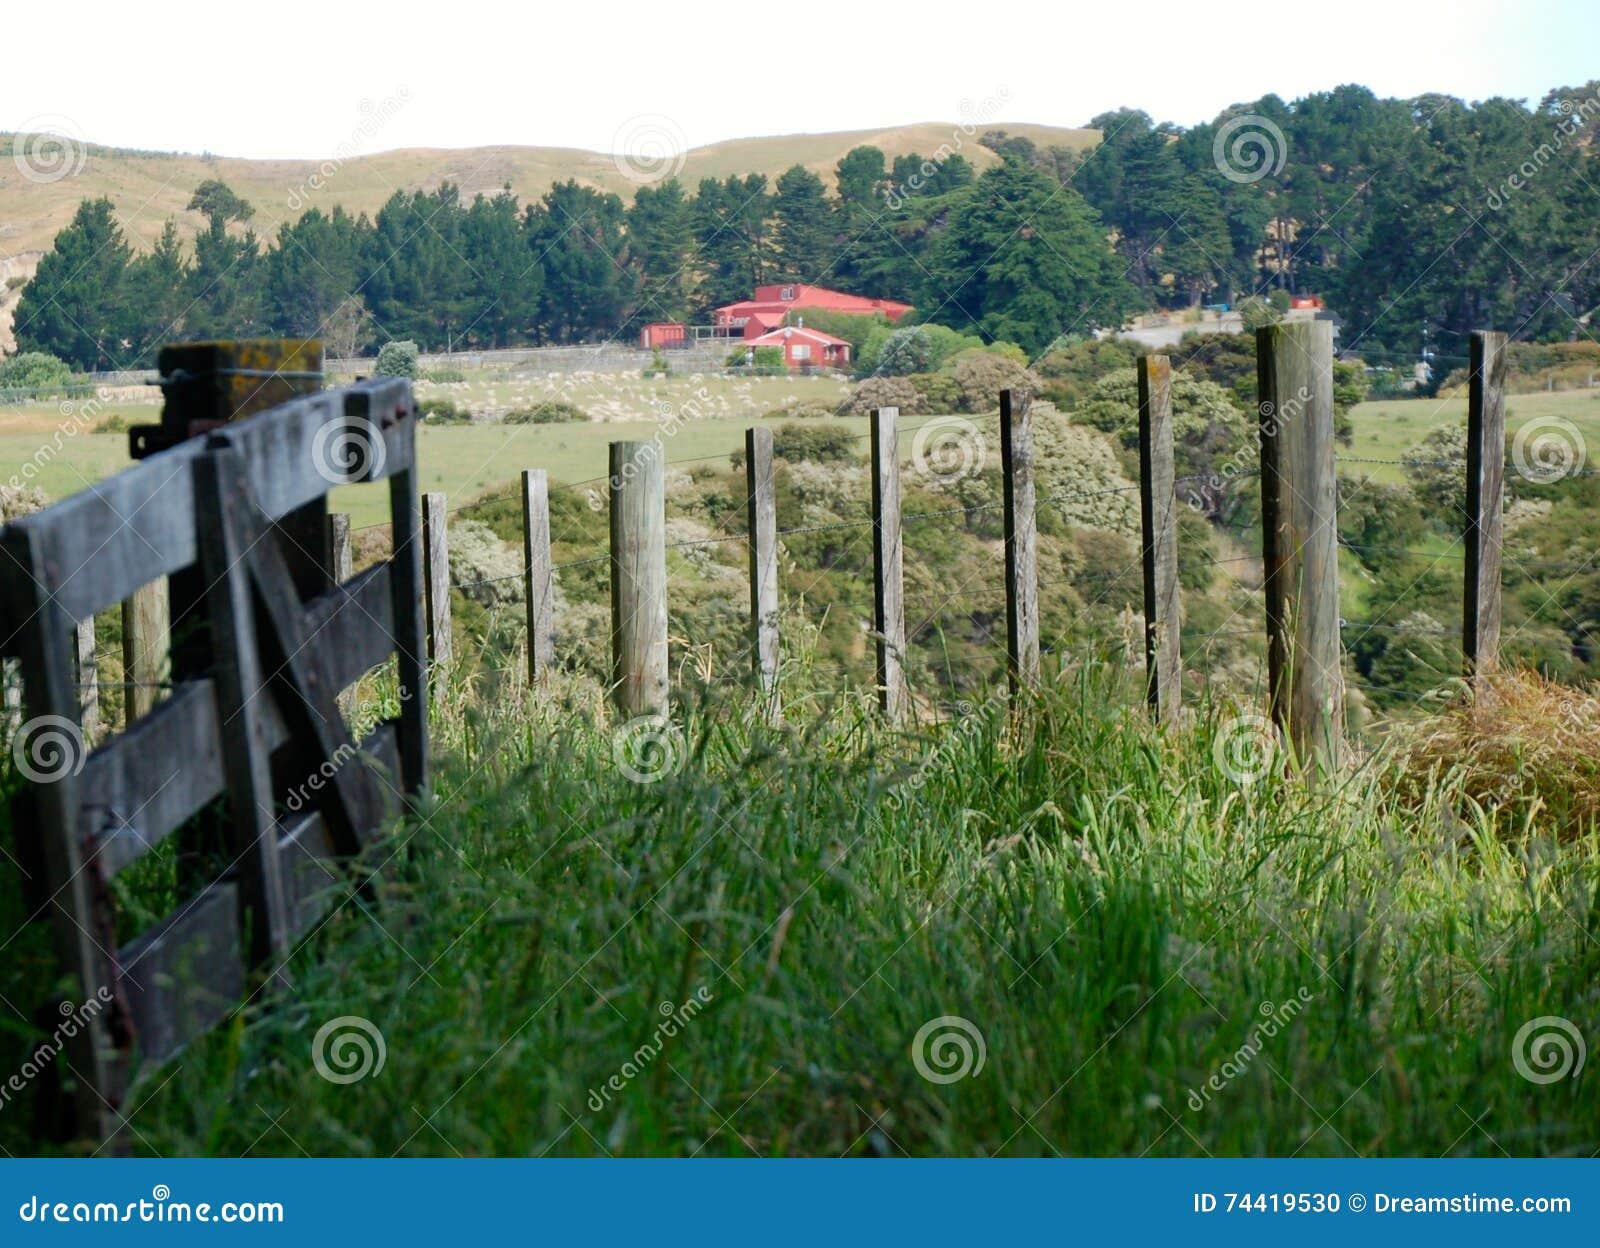 Красивый пейзаж, обрабатываемая земля, деревенский ландшафт